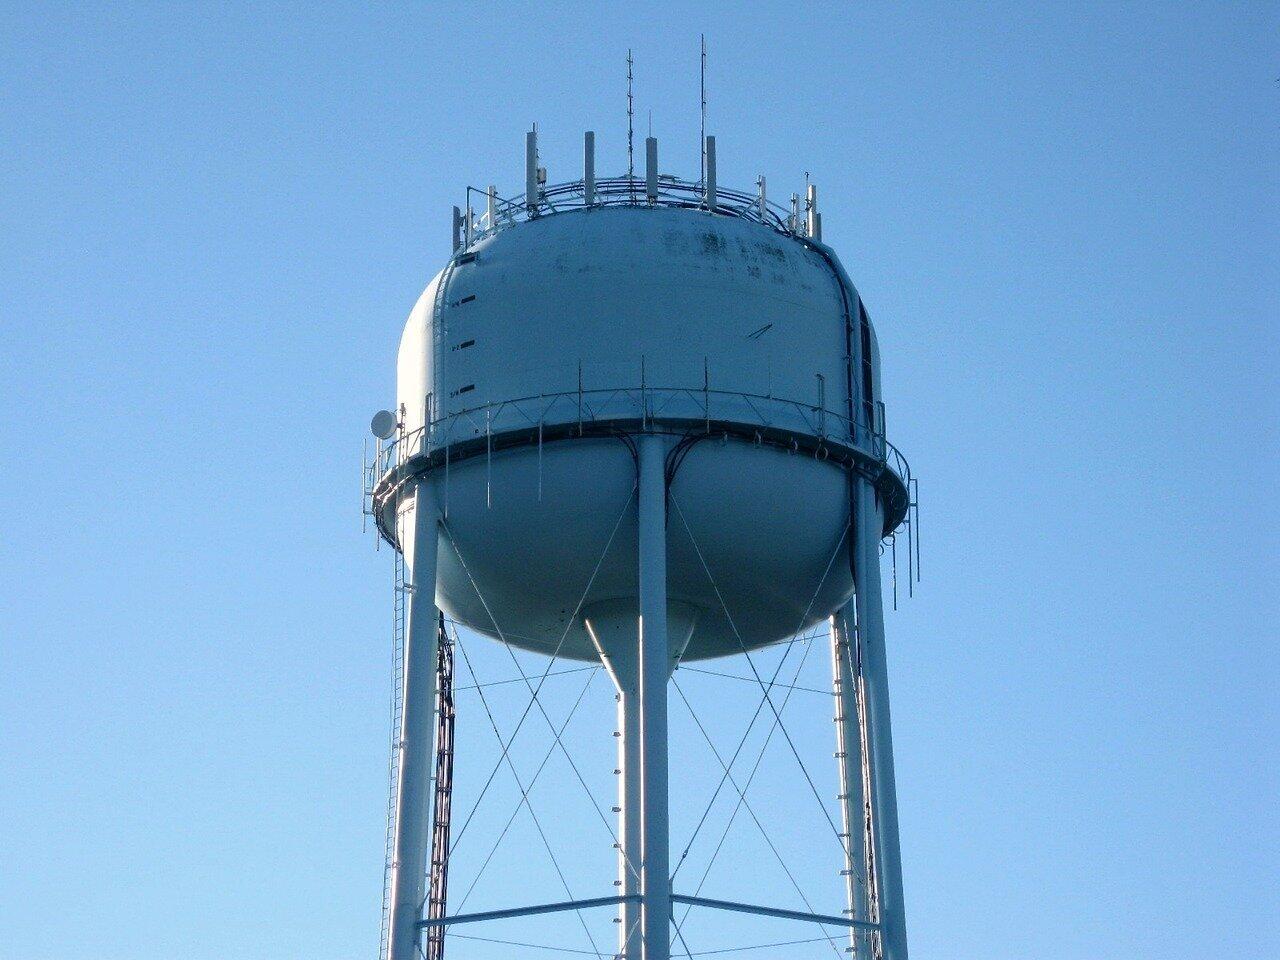 water-tower-2330313_1280.jpg